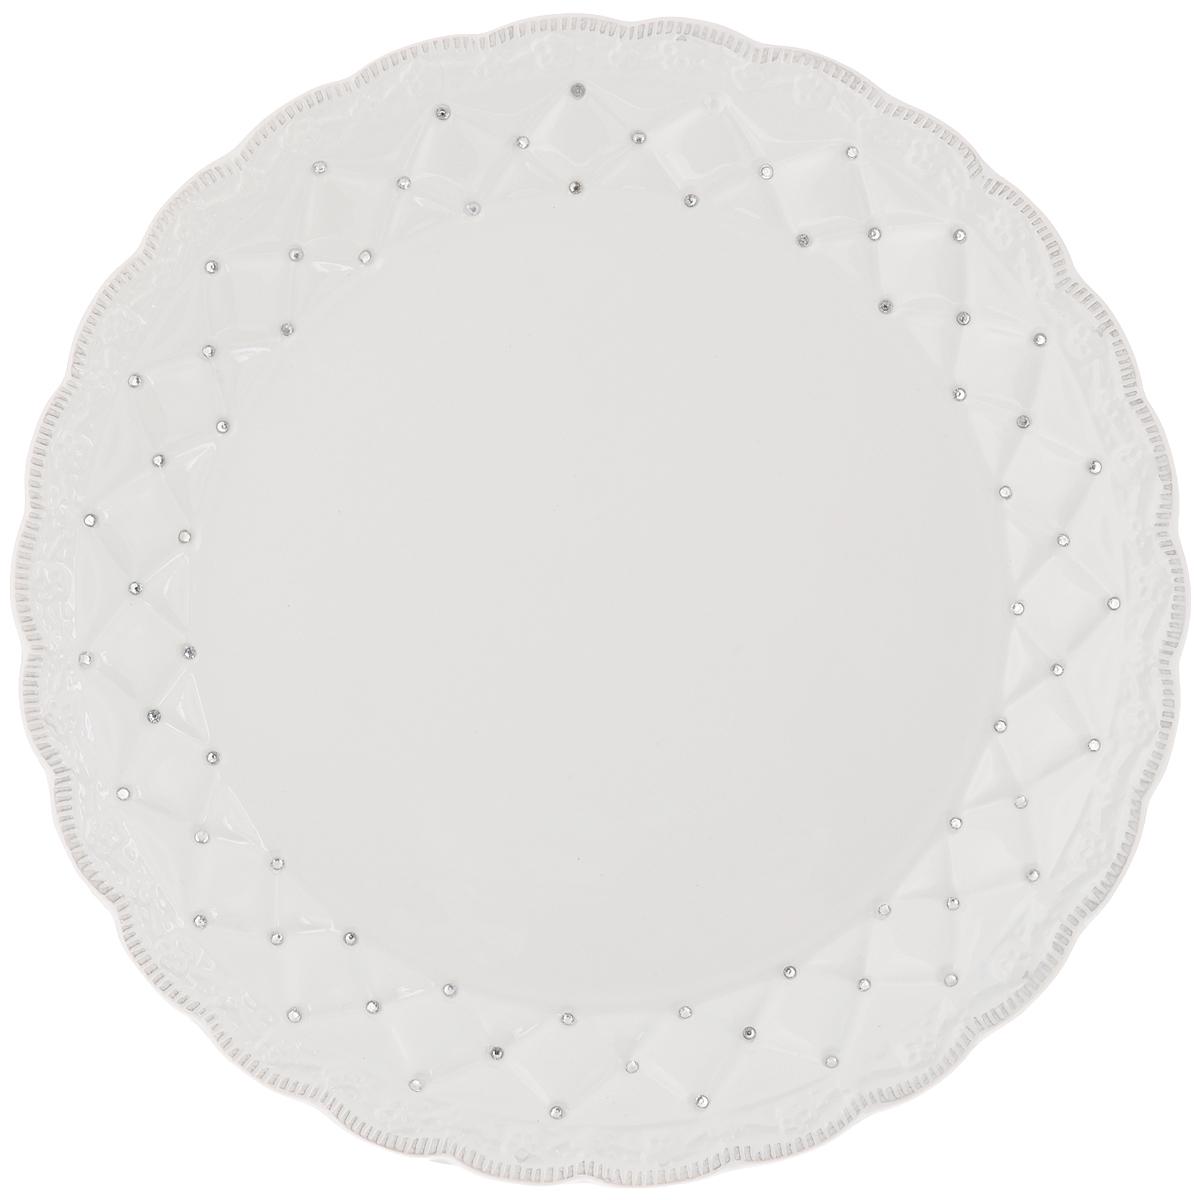 Блюдо Loraine Ажур, диаметр 26,5 см23844Блюдо Loraine Ажур, изготовленное из высококачественного доломита, украшено стразами. Стильная форма и интересное исполнение идеально впишутся в любой стиль, а универсальный белый цвет подойдет к любой мебели. Такое блюдо принесет новизну в вашу кухню и приятно порадует глаз.